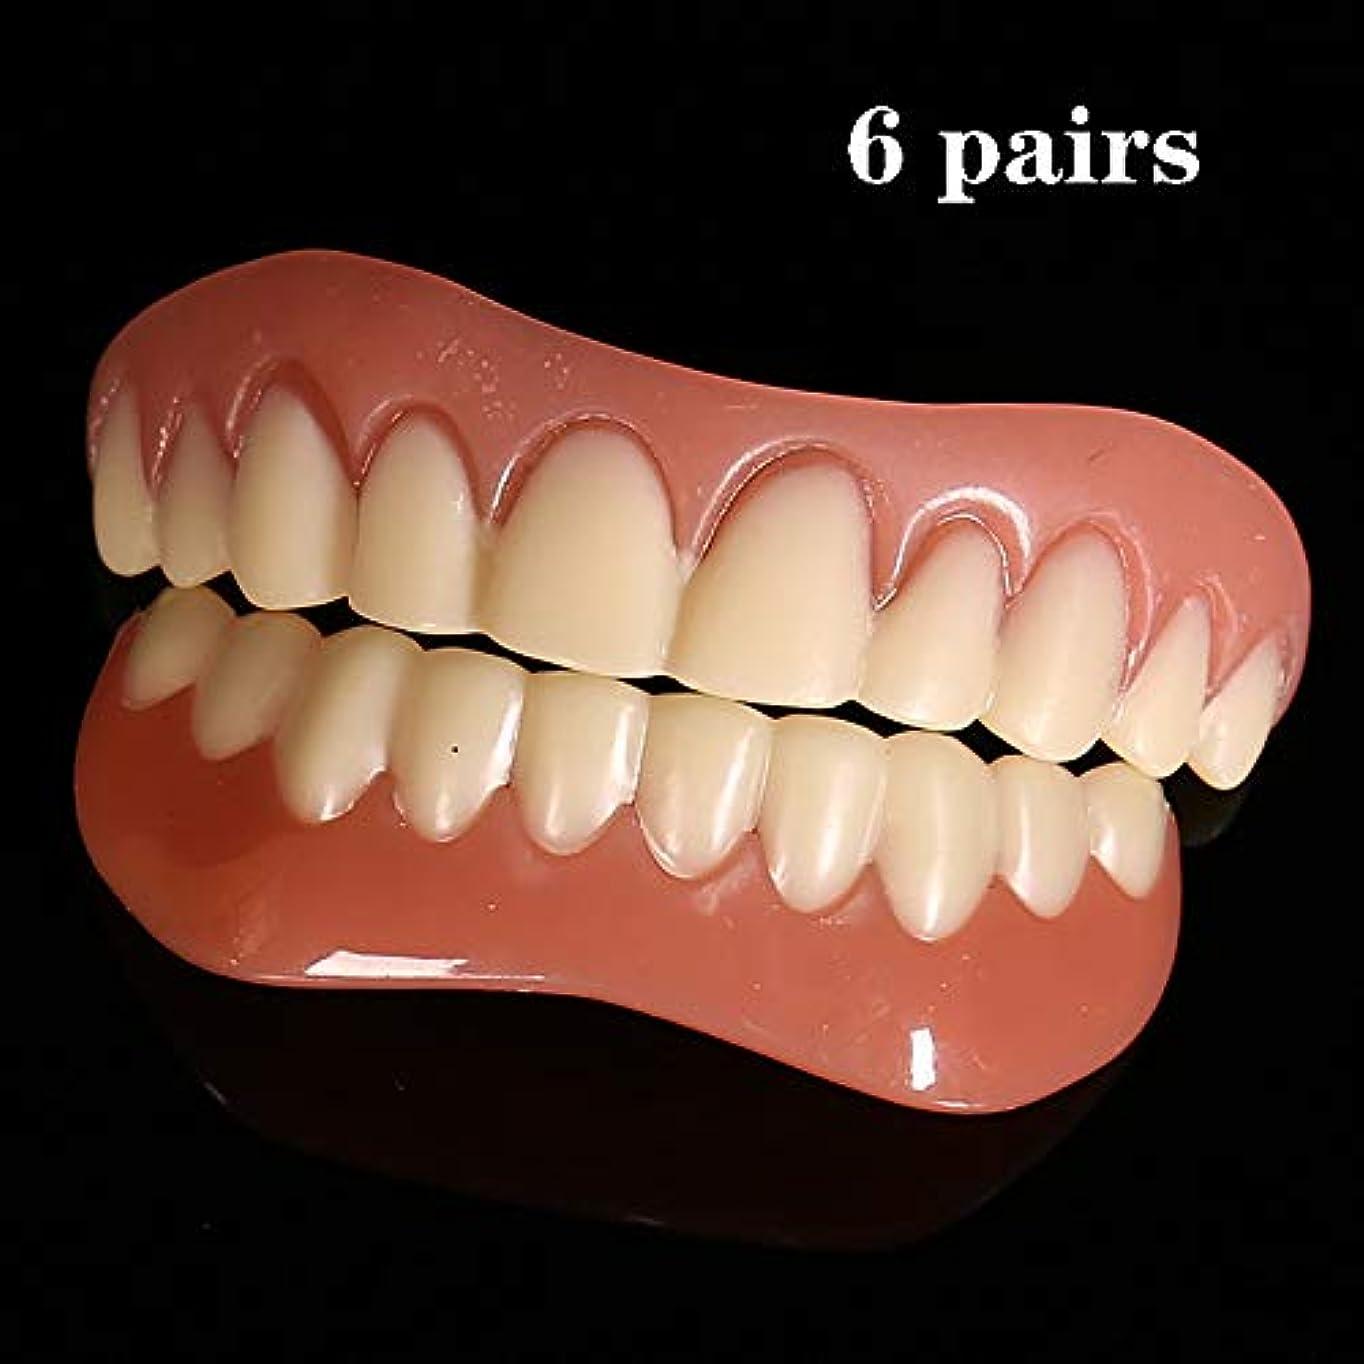 危機少し補助歯突き板化粧品歯スナップオンセキュア6ペア上下の快適さフィット歯突き板安全インスタントスマイル化粧品ワンサイズ